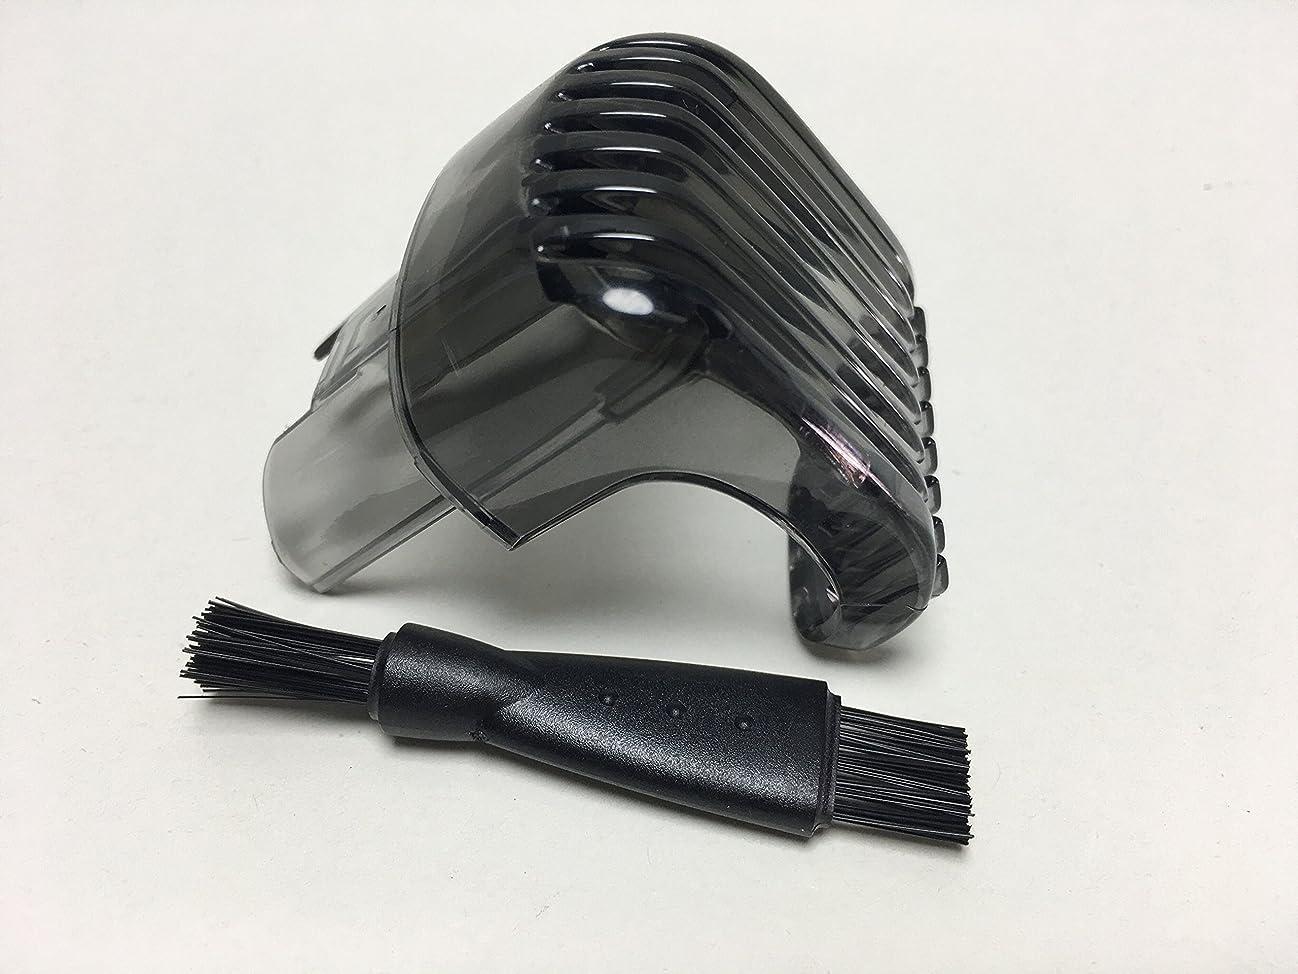 フォーカス送る動的ビッグ シェービングカミソリトリマークリッパーコーム フィリップス Philips QS6100 QS6140 QS6160 QS6100/50 QS6141 QS6161 QS6141/33 ヘア 櫛 細部コーム Shaver Razor hair trimmer clipper comb